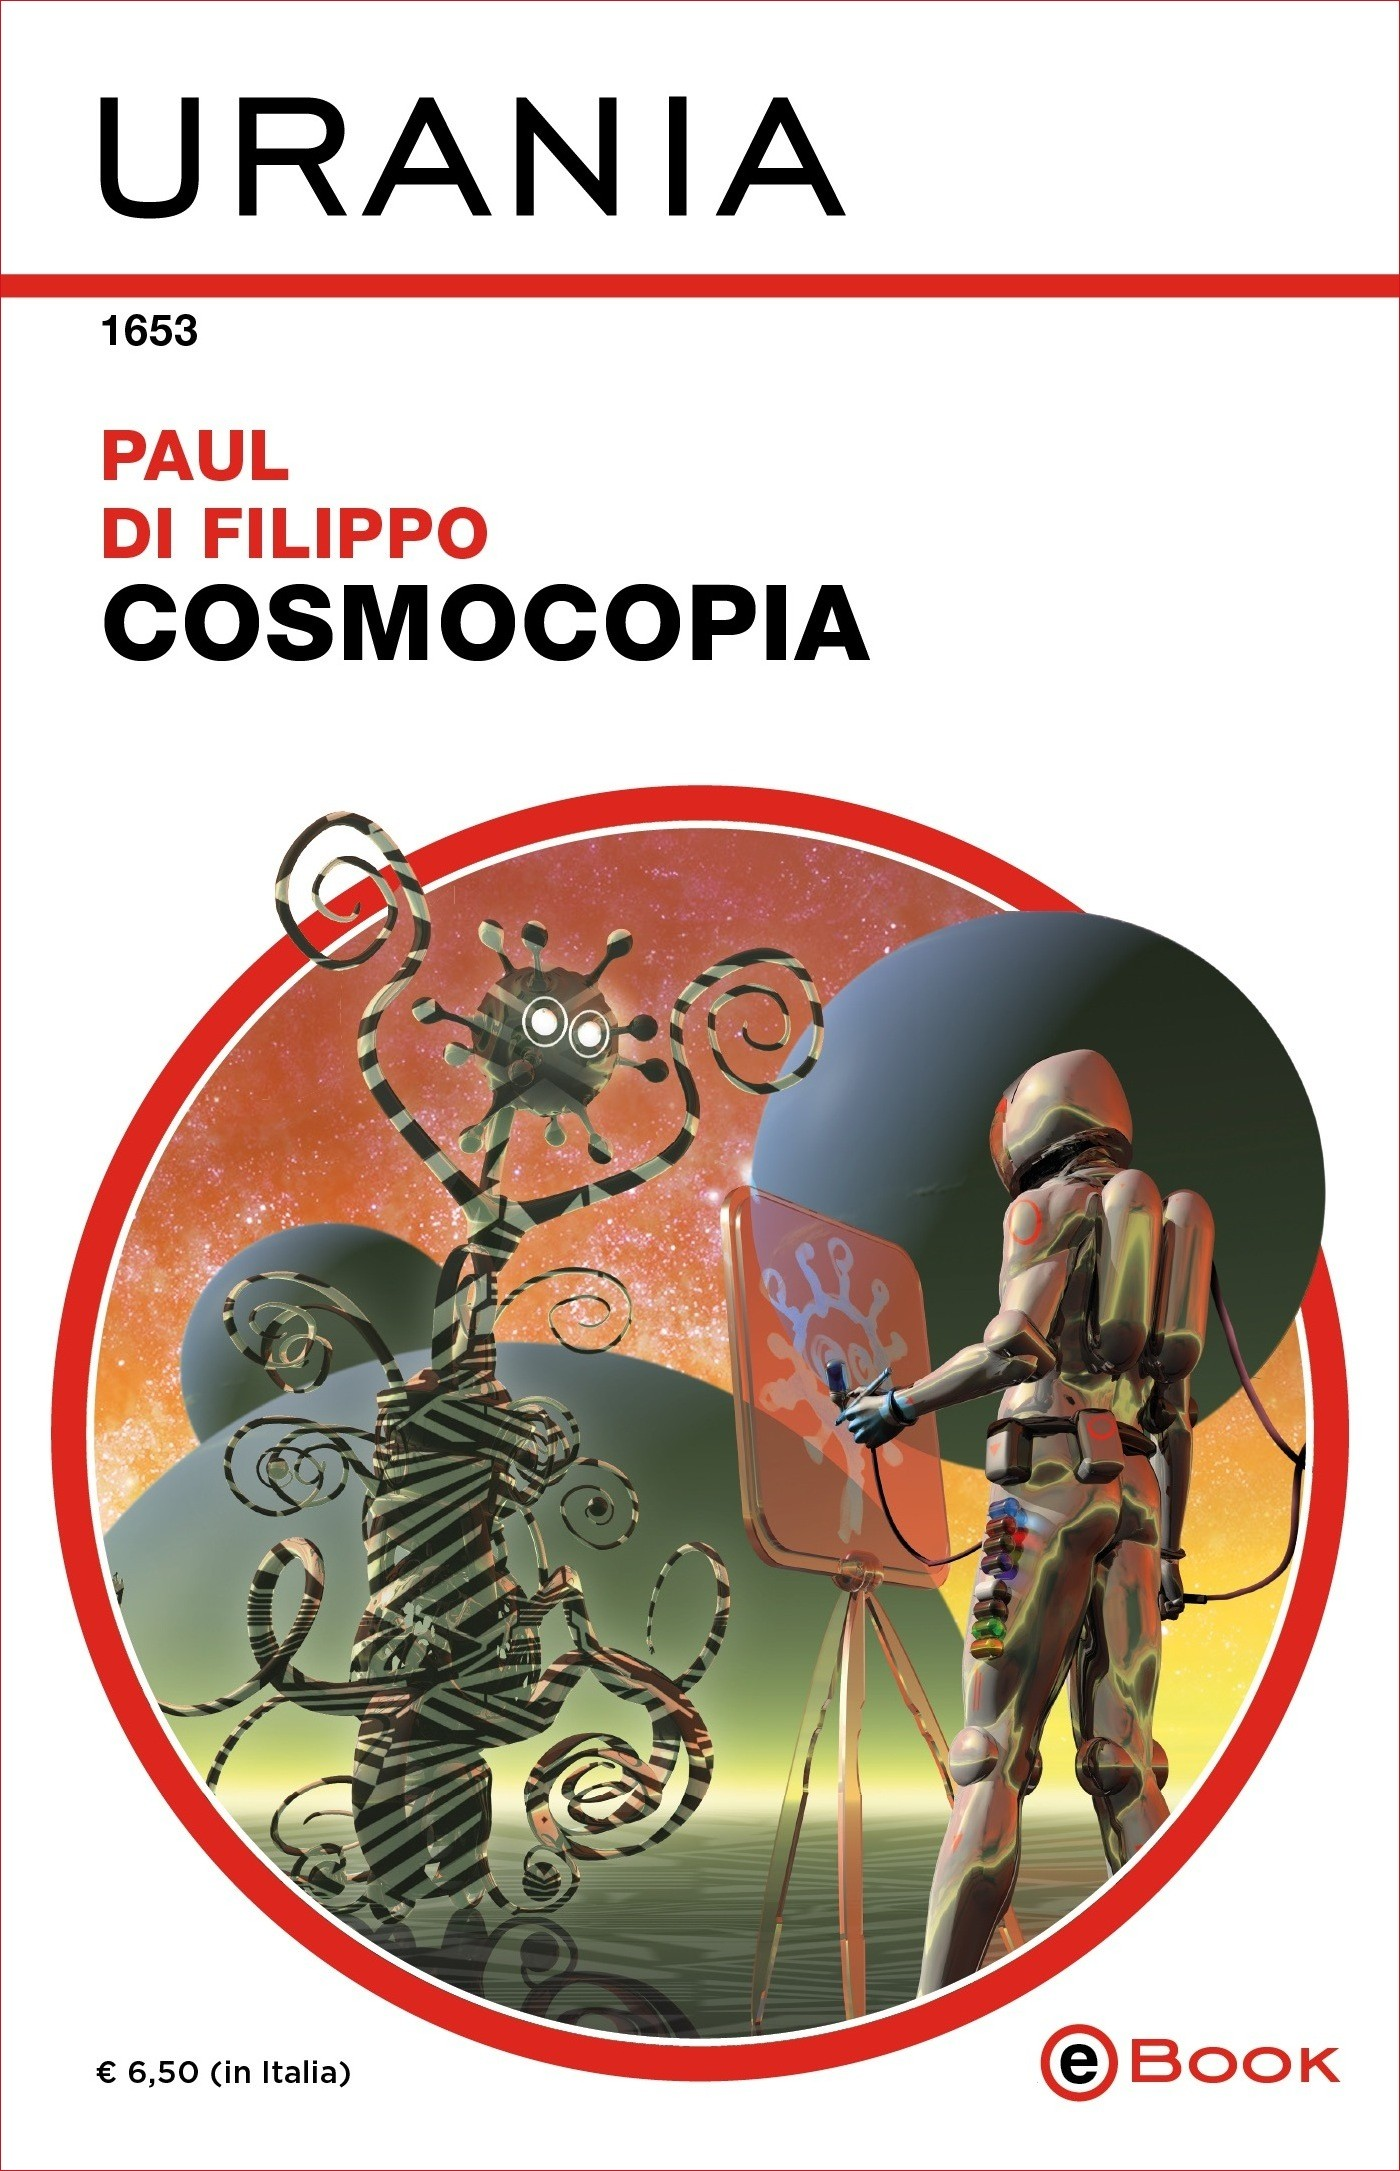 Cosmocopia, di Paul Di Filippo (Urania, 2018) 1 - fanzine